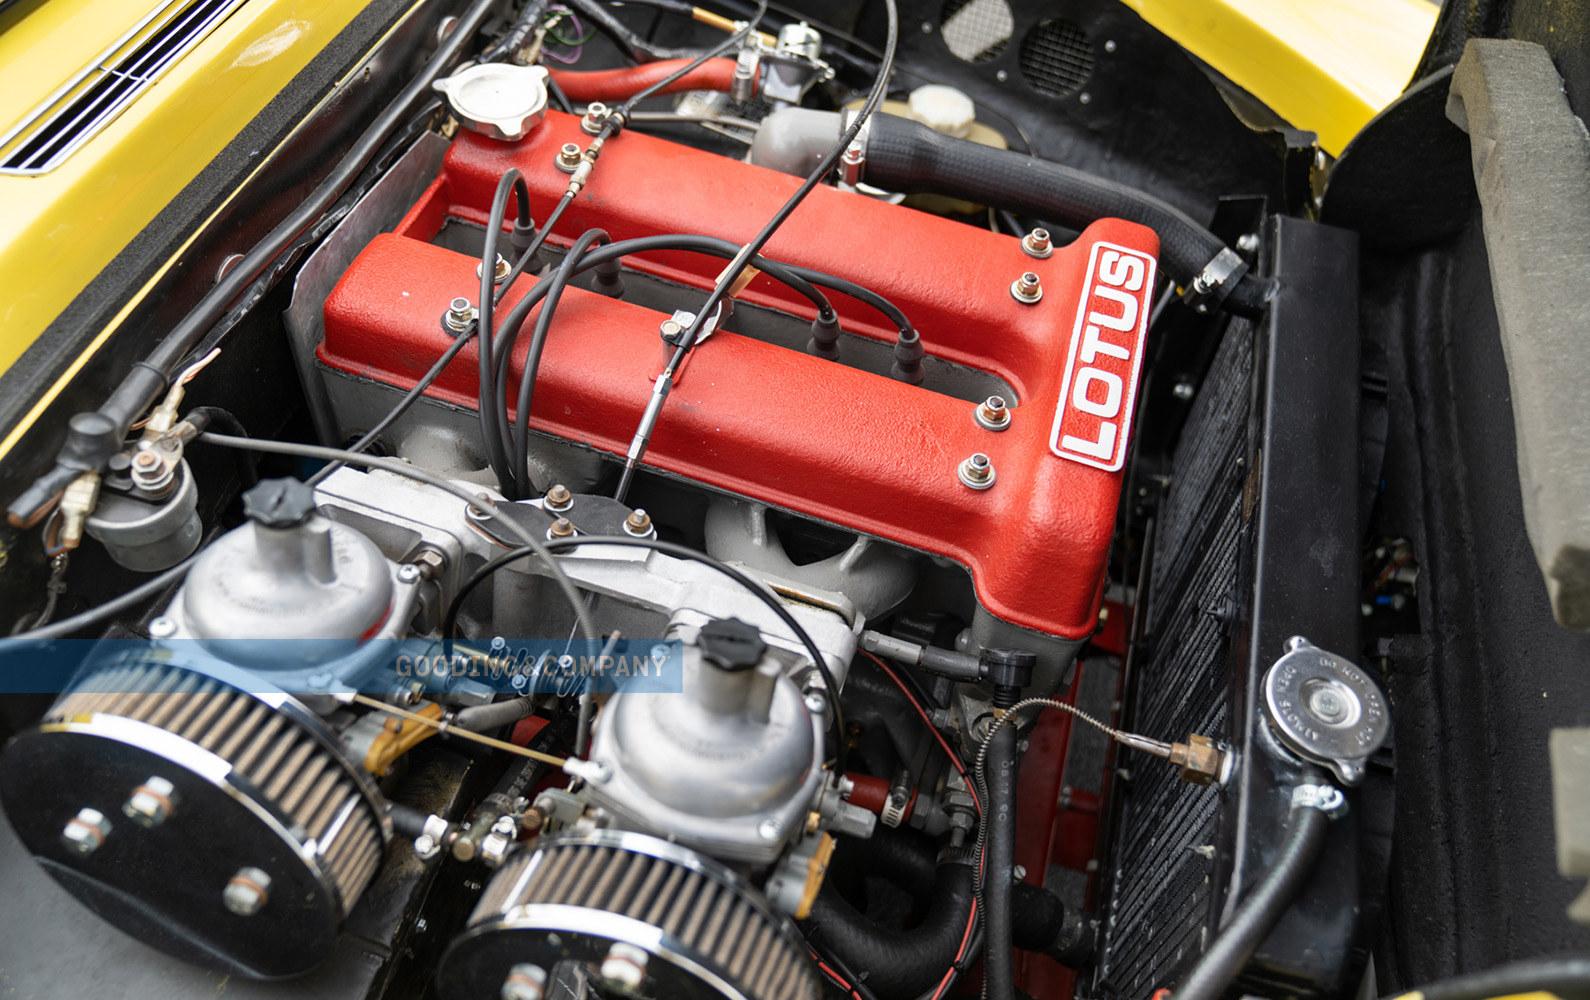 1969 Lotus Elan SE-Engine, Red engne block, Lotus Leasing